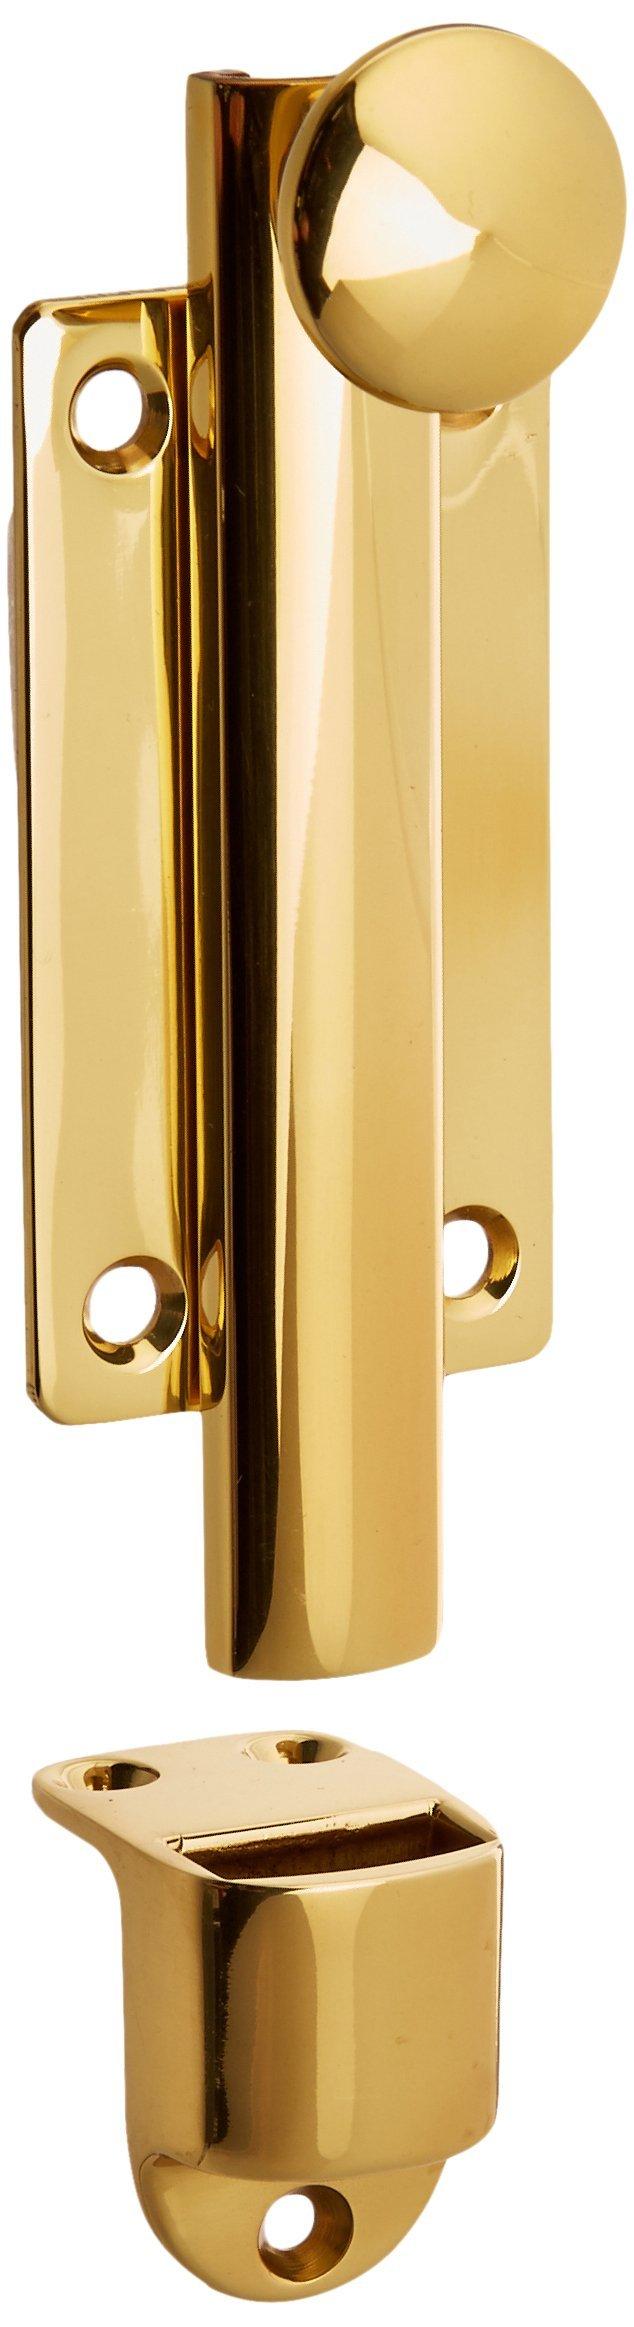 Baldwin 0345030 Dutch Door Bolt, Bright Brass